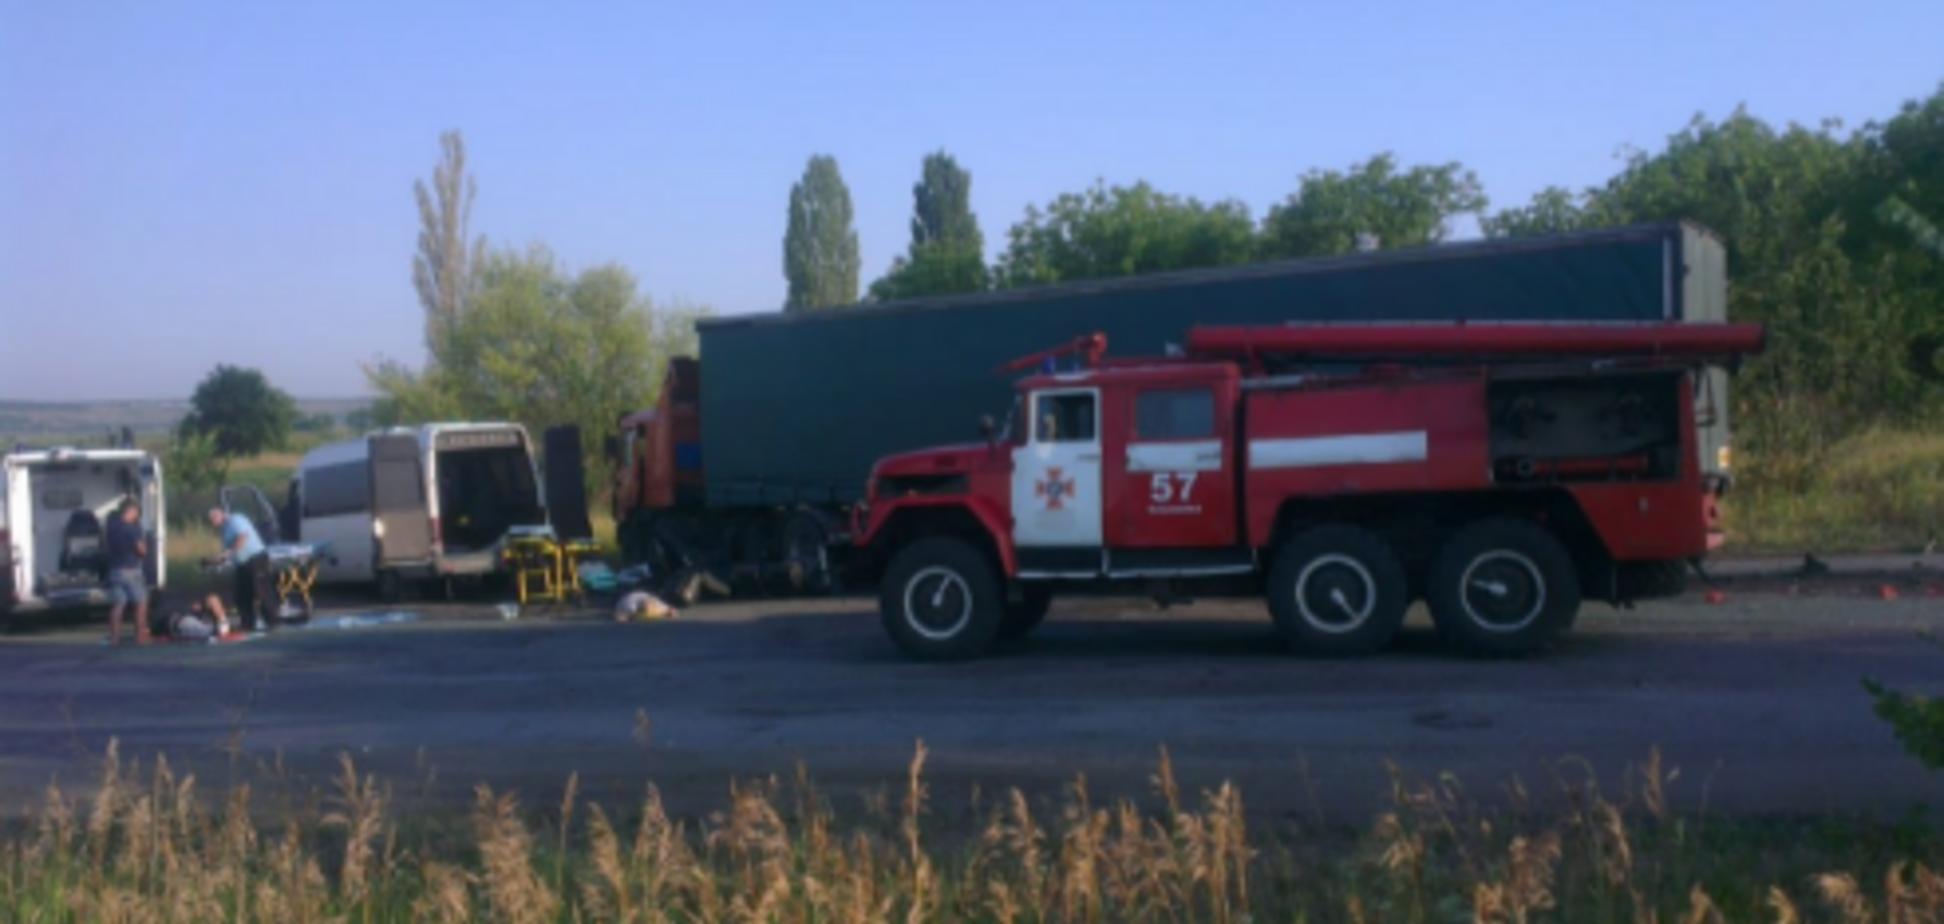 Пассажиров вырезали: на Днепропетровщине случилось смертельное ДТП с фурой и автобусом